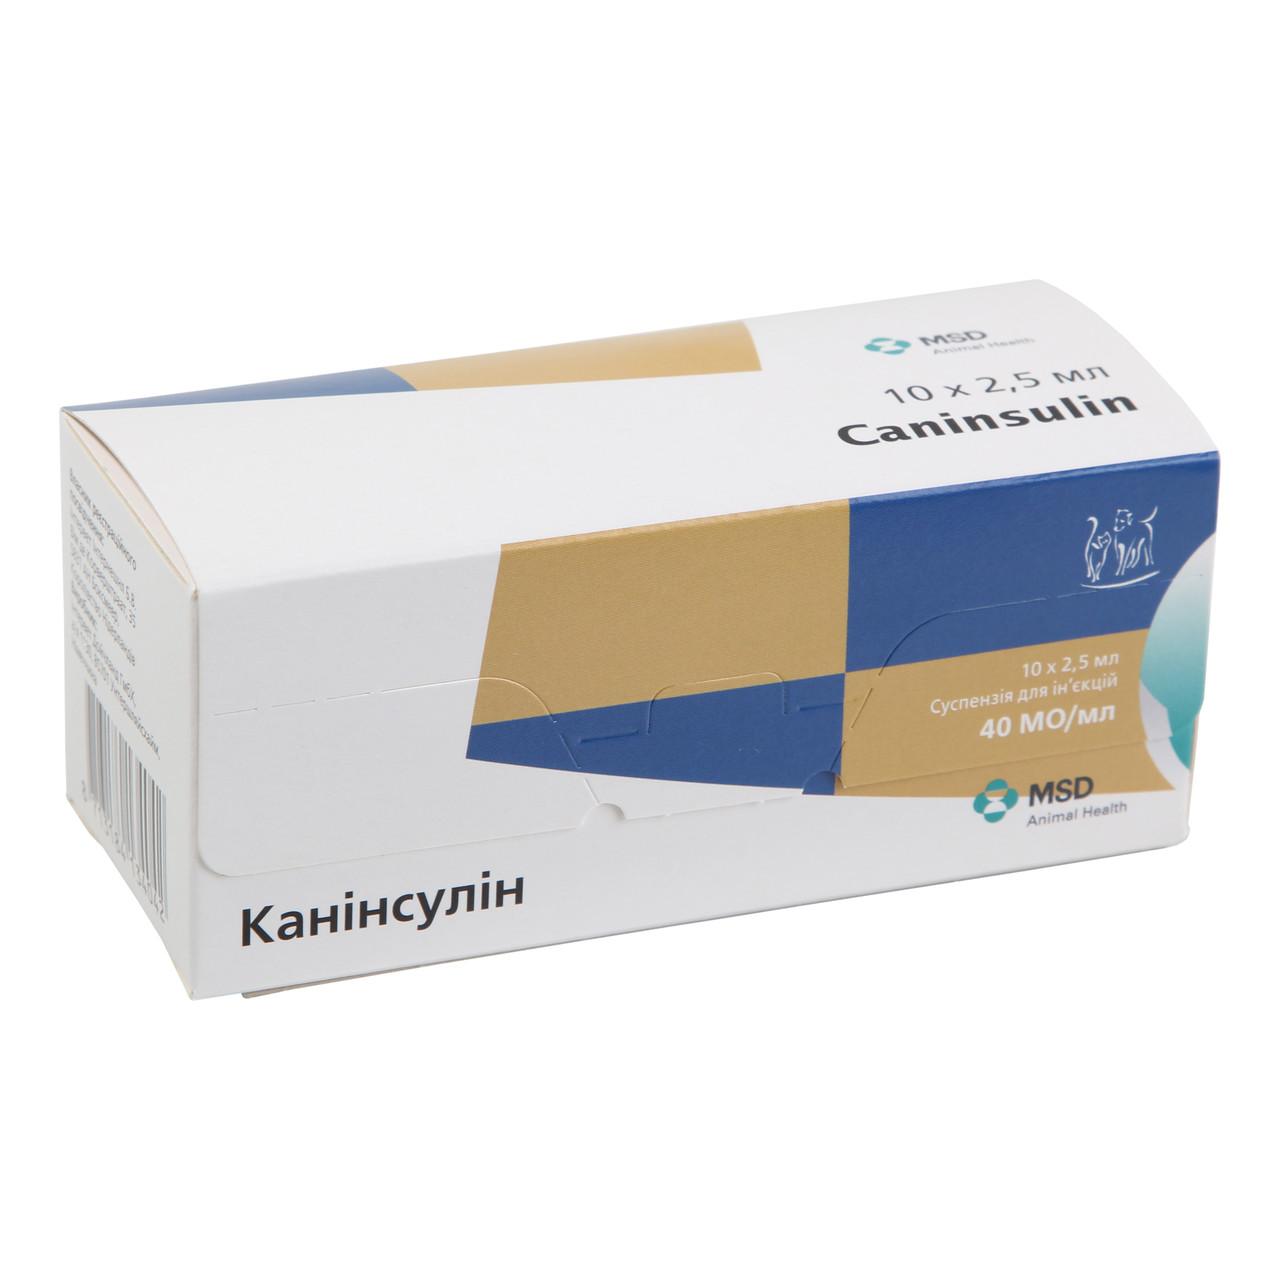 Препарат для лечения диабета Канинсулин Caninsulin для собак и кошек 2,5 мл*10 шт.